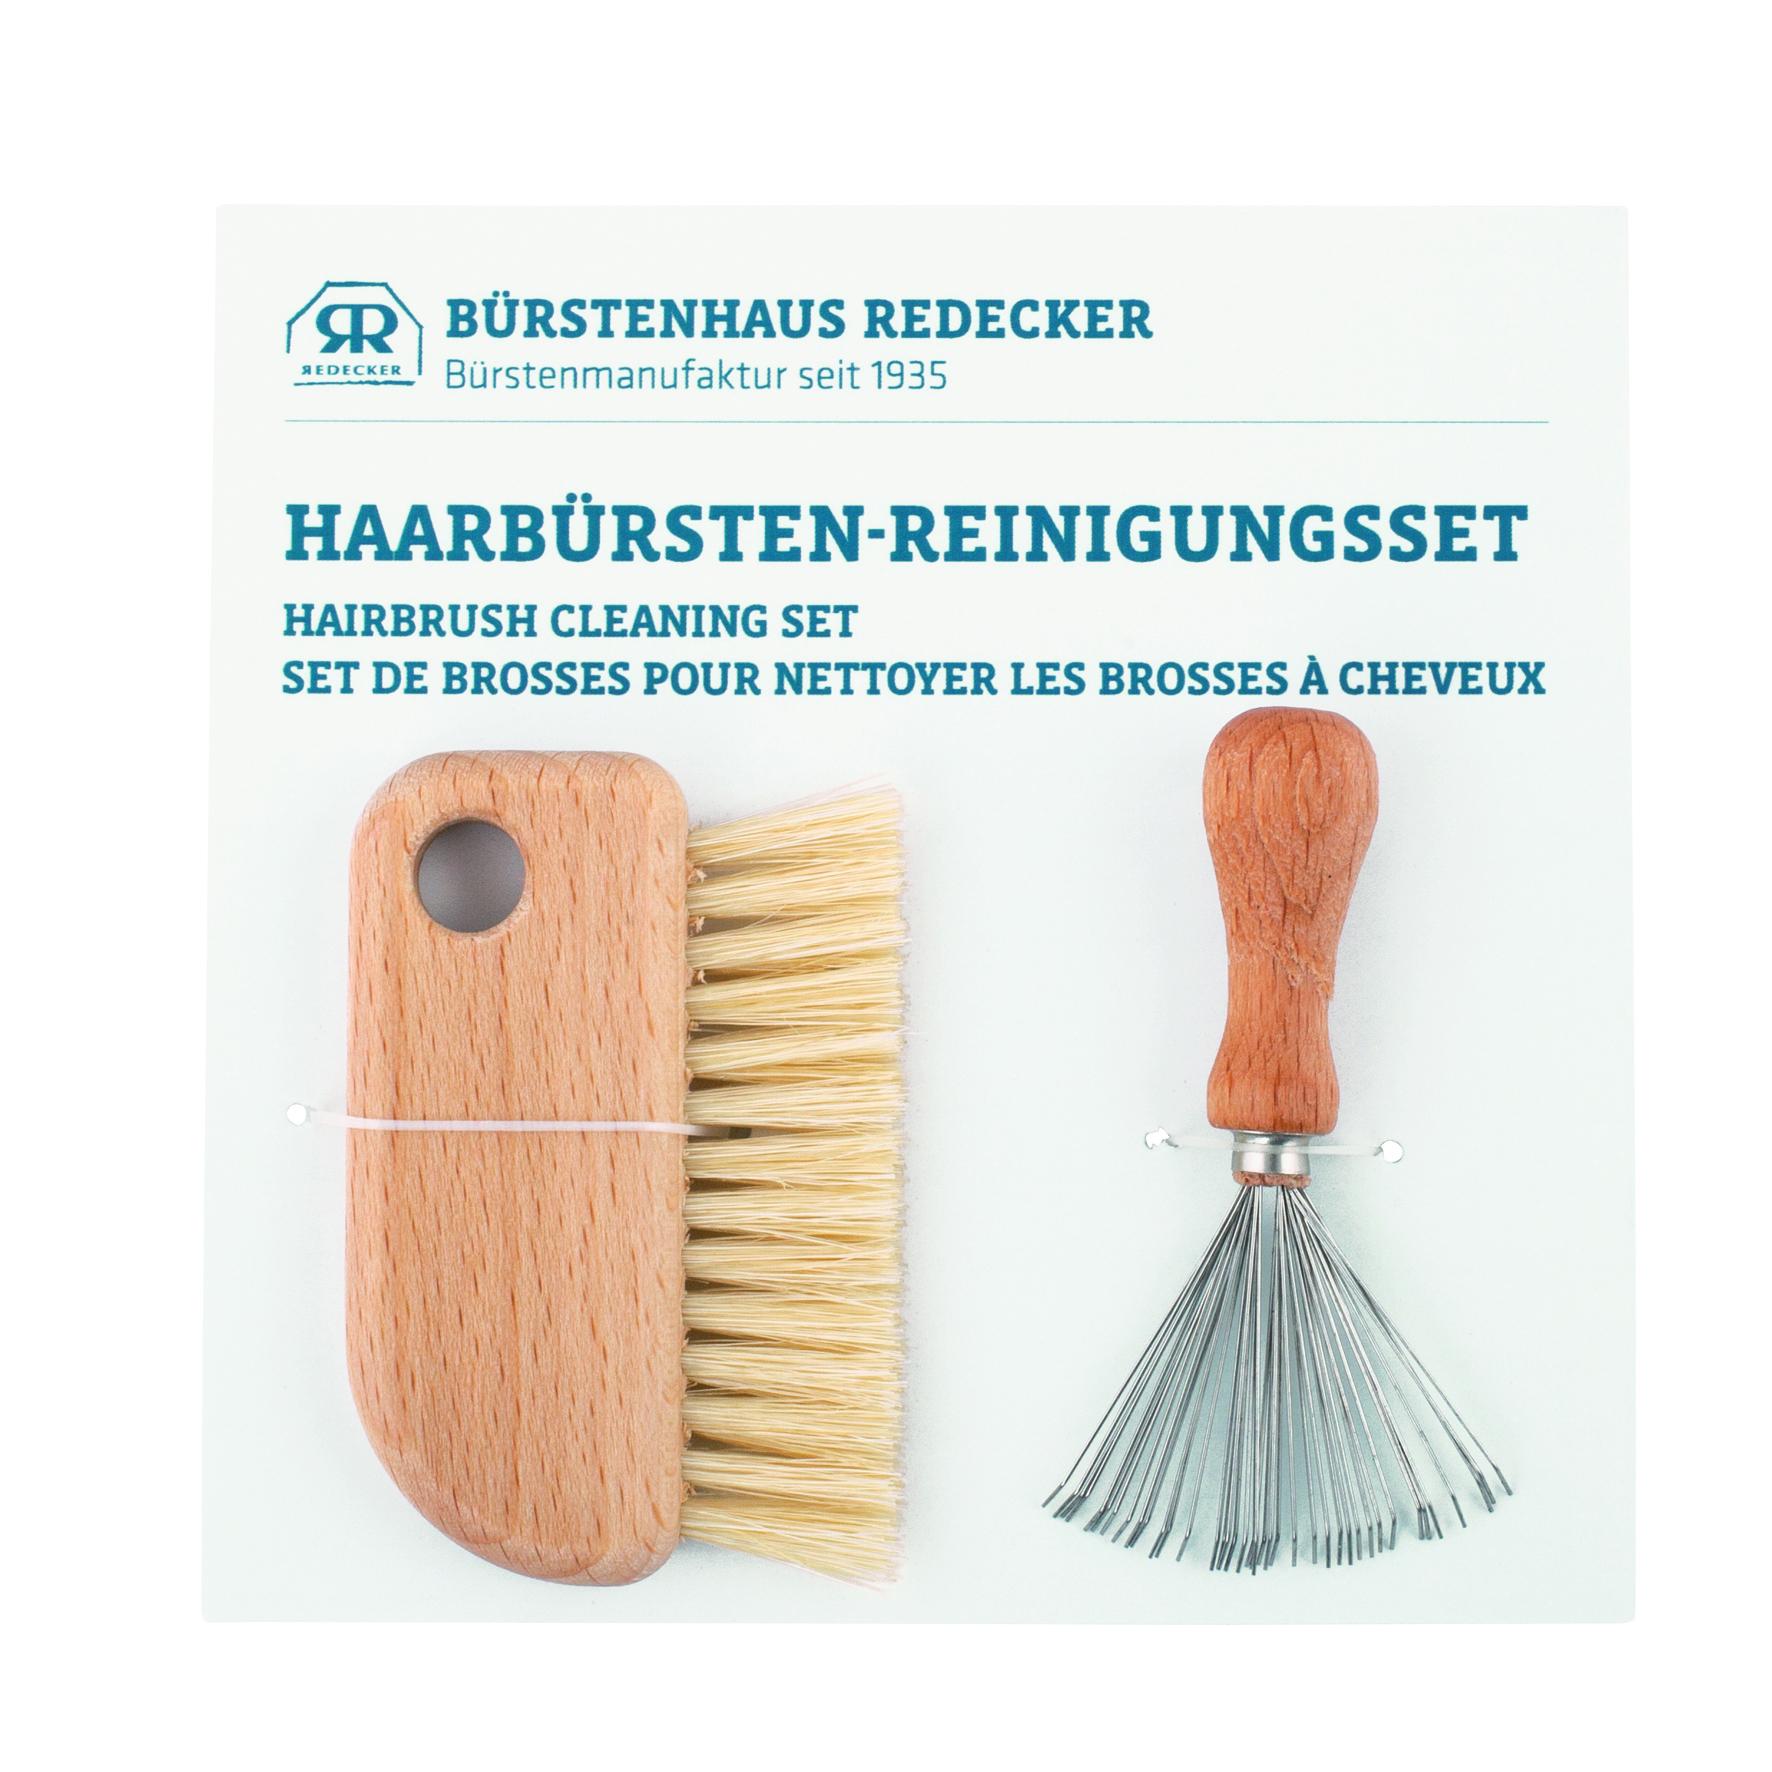 Haarbürsten-Reinigungs-Set